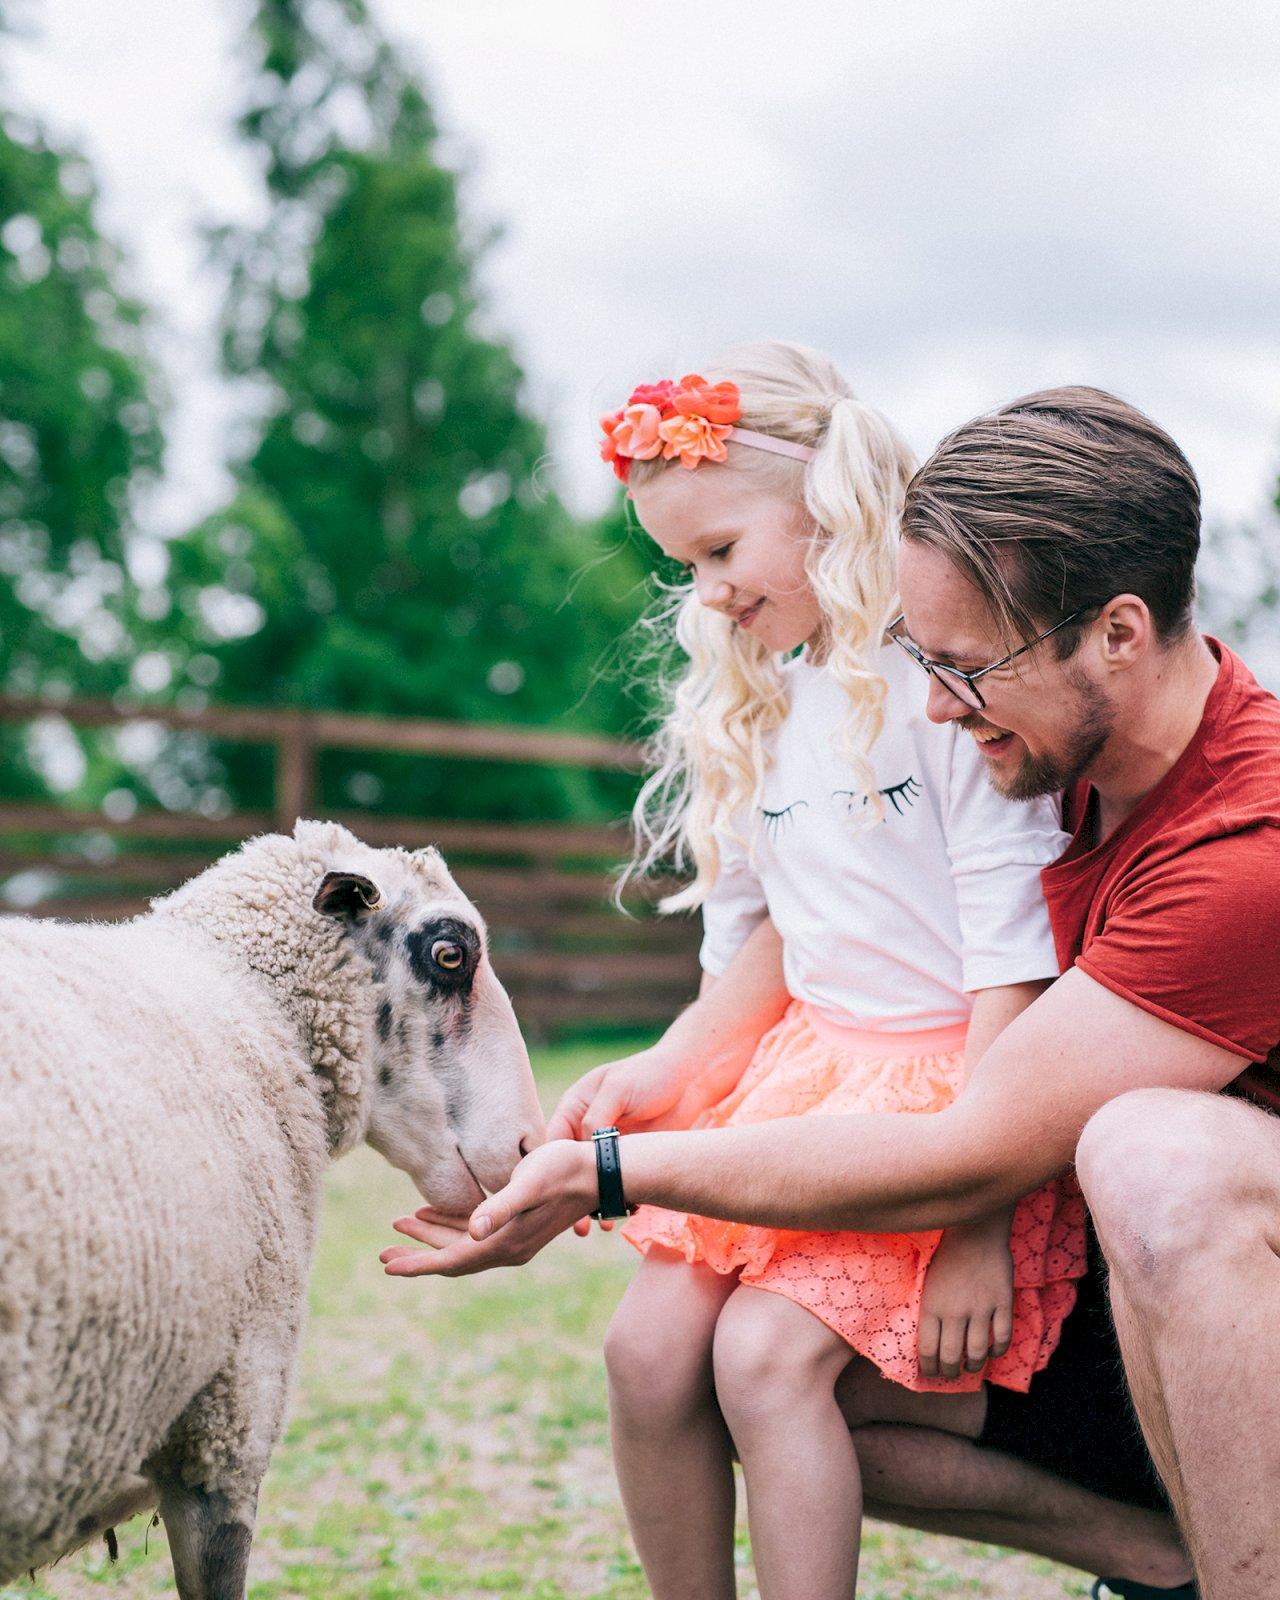 Mies ja tyttö syöttävät lammasta Wanhan Markin pihapiirissä Etelä-Pohjanmaalla.